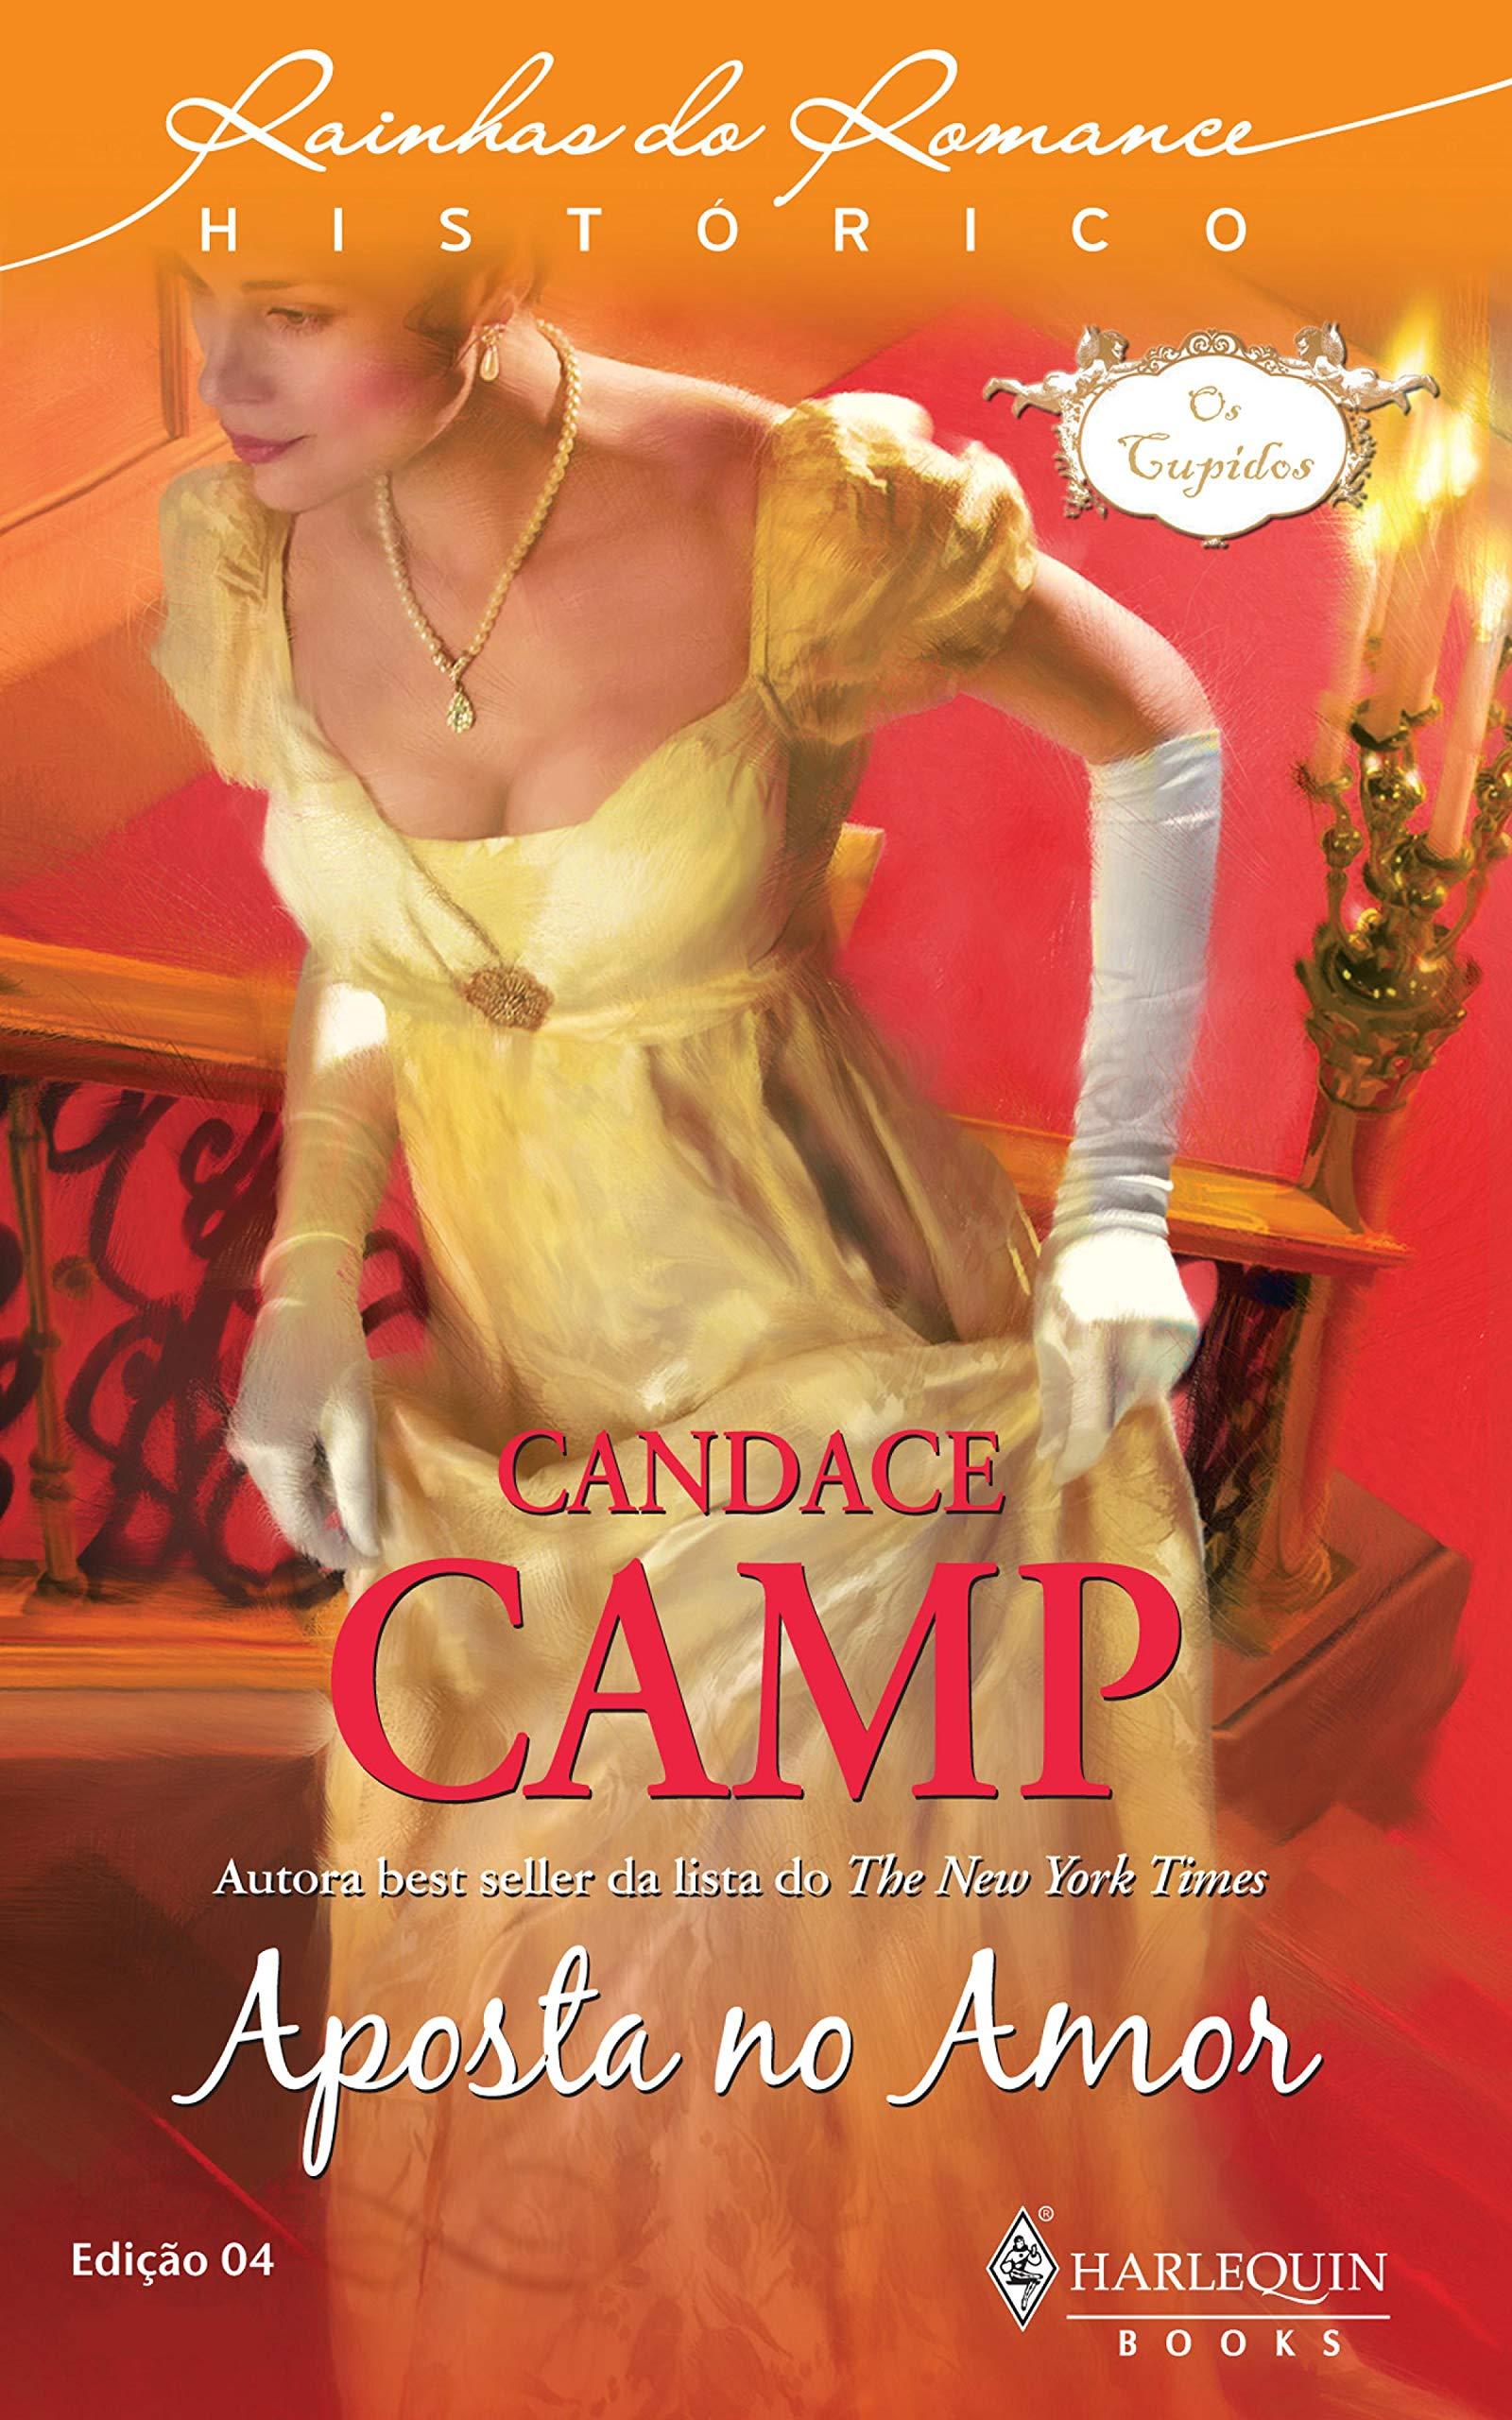 Aposta no Amor (Harlequin Rainhas do Romance Histórico Livro 4)